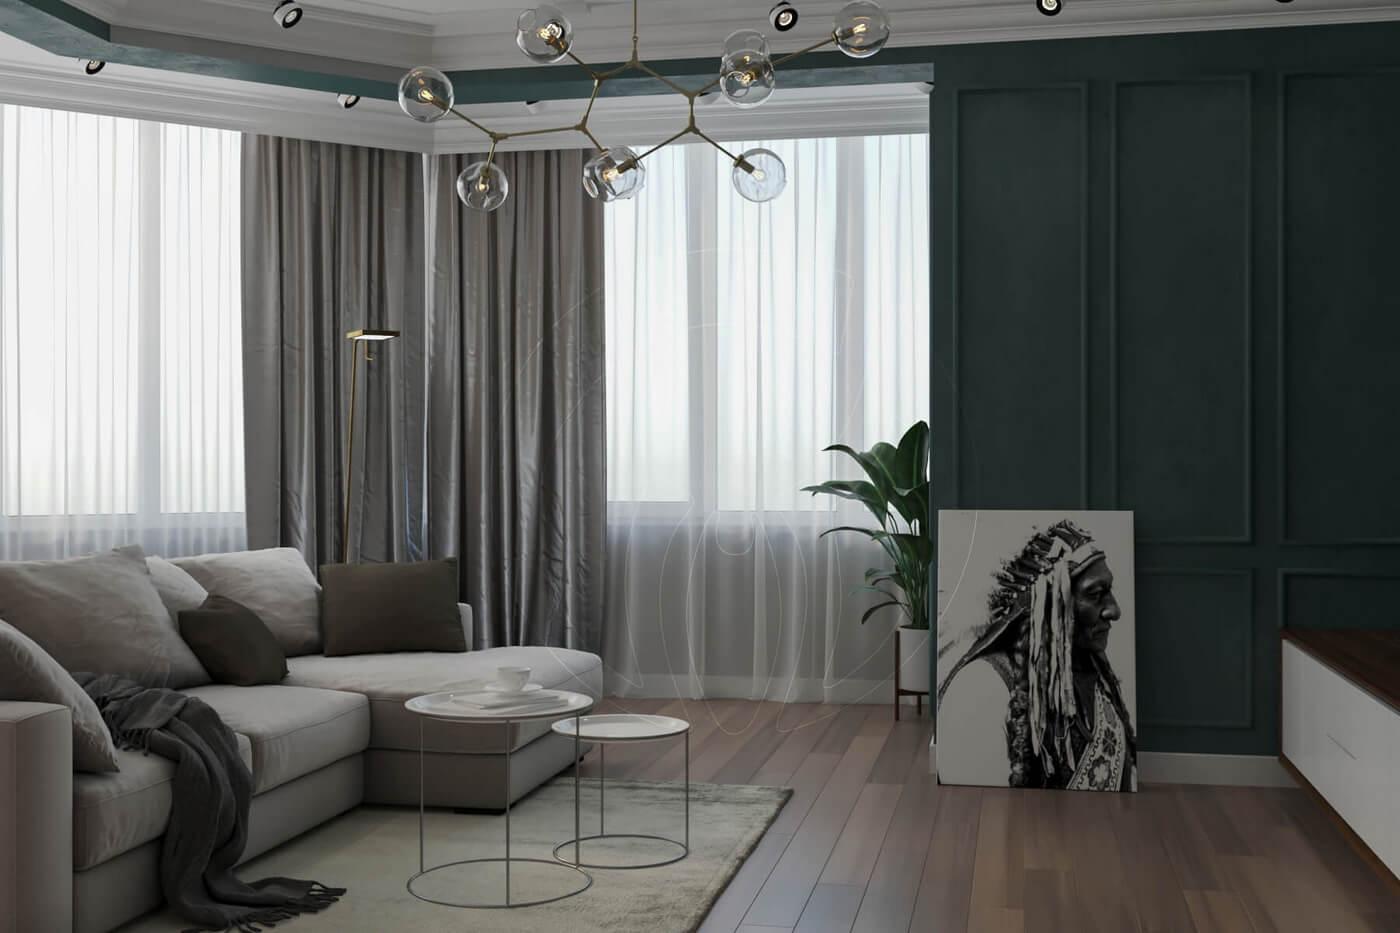 """Квартира в стиле """"современная классика"""". Гостиная в современной классике. Стеновые панели."""